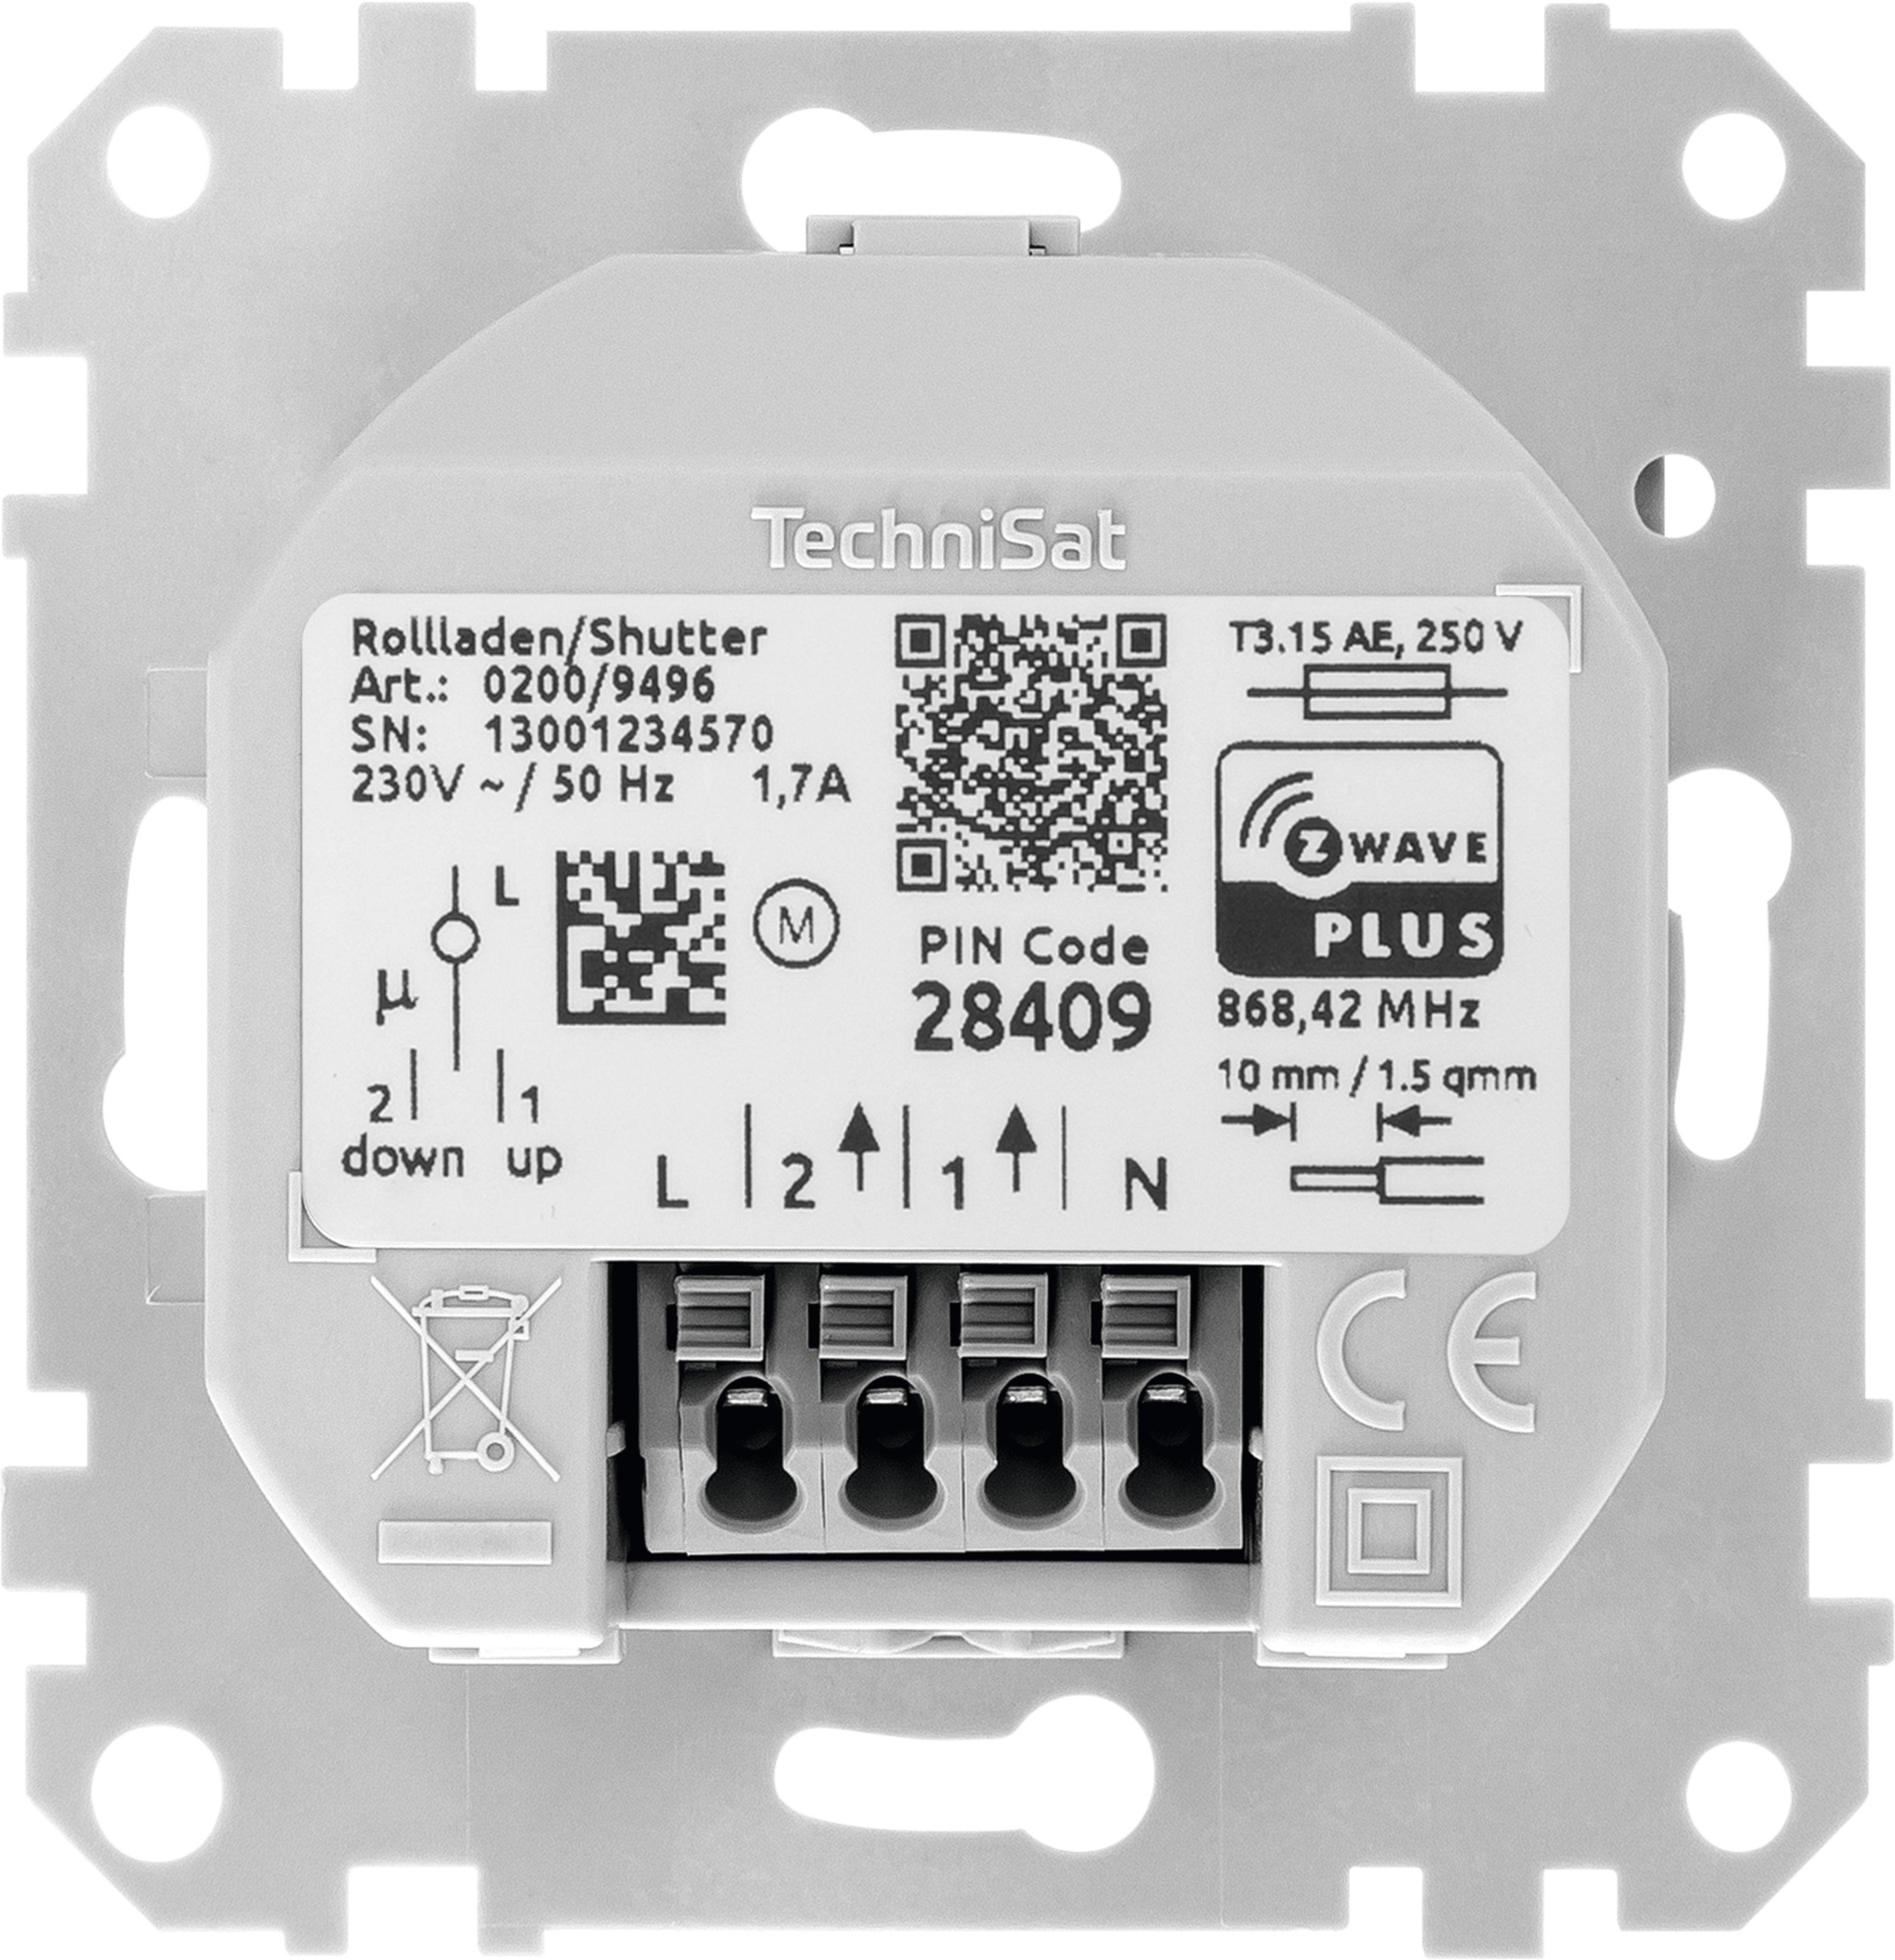 TechniSat Rollladenschalter Einsatz, Merten   ottosystem GmbH